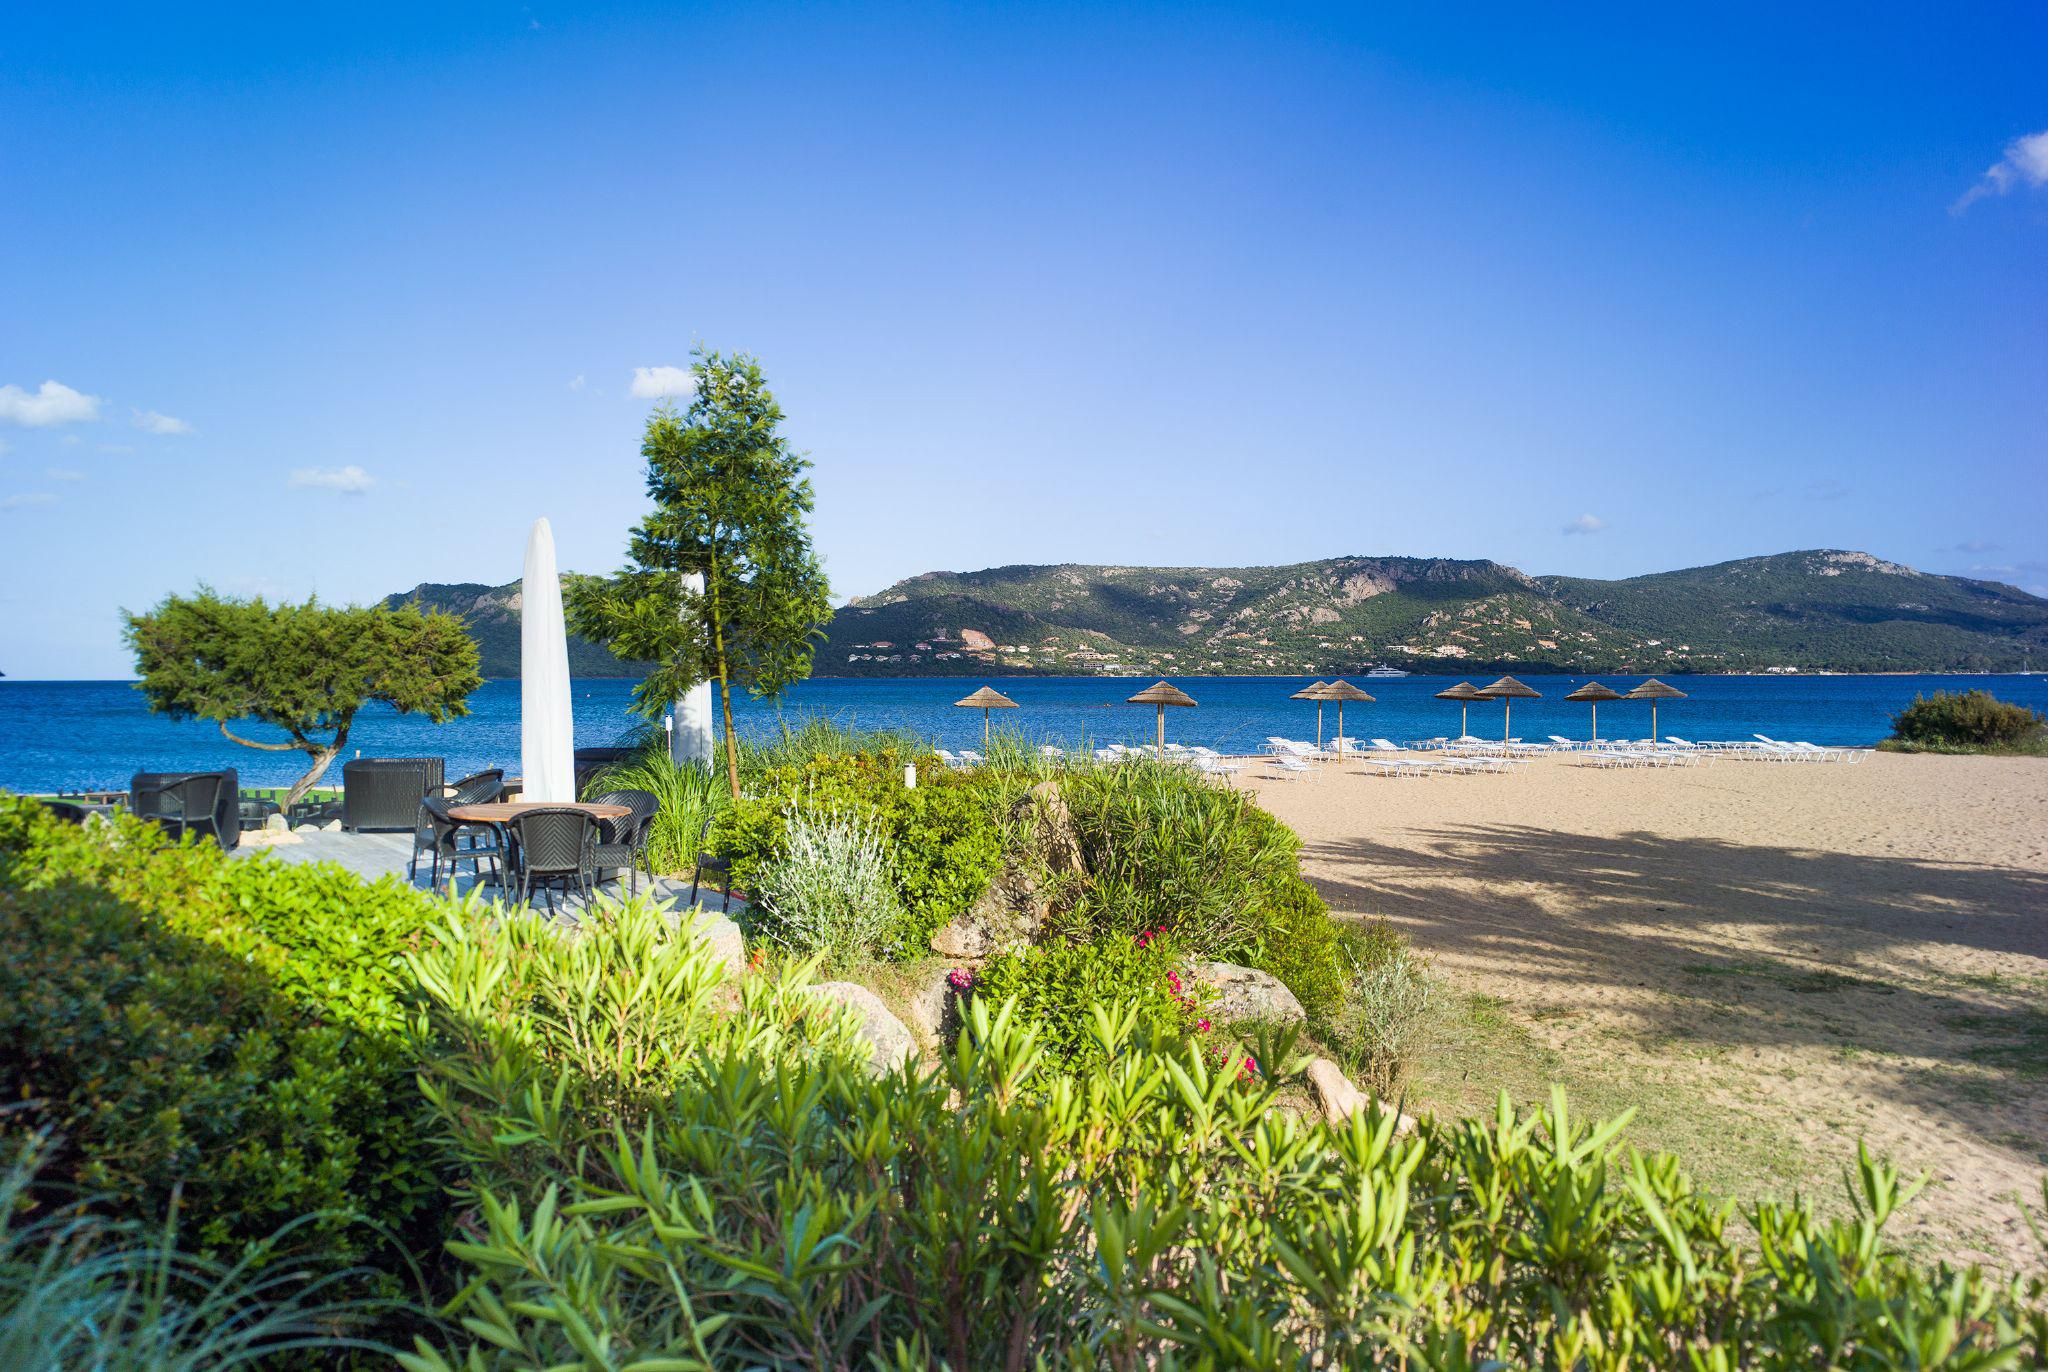 Marina corsica h tels porto vecchio sud corse for Hotels corse